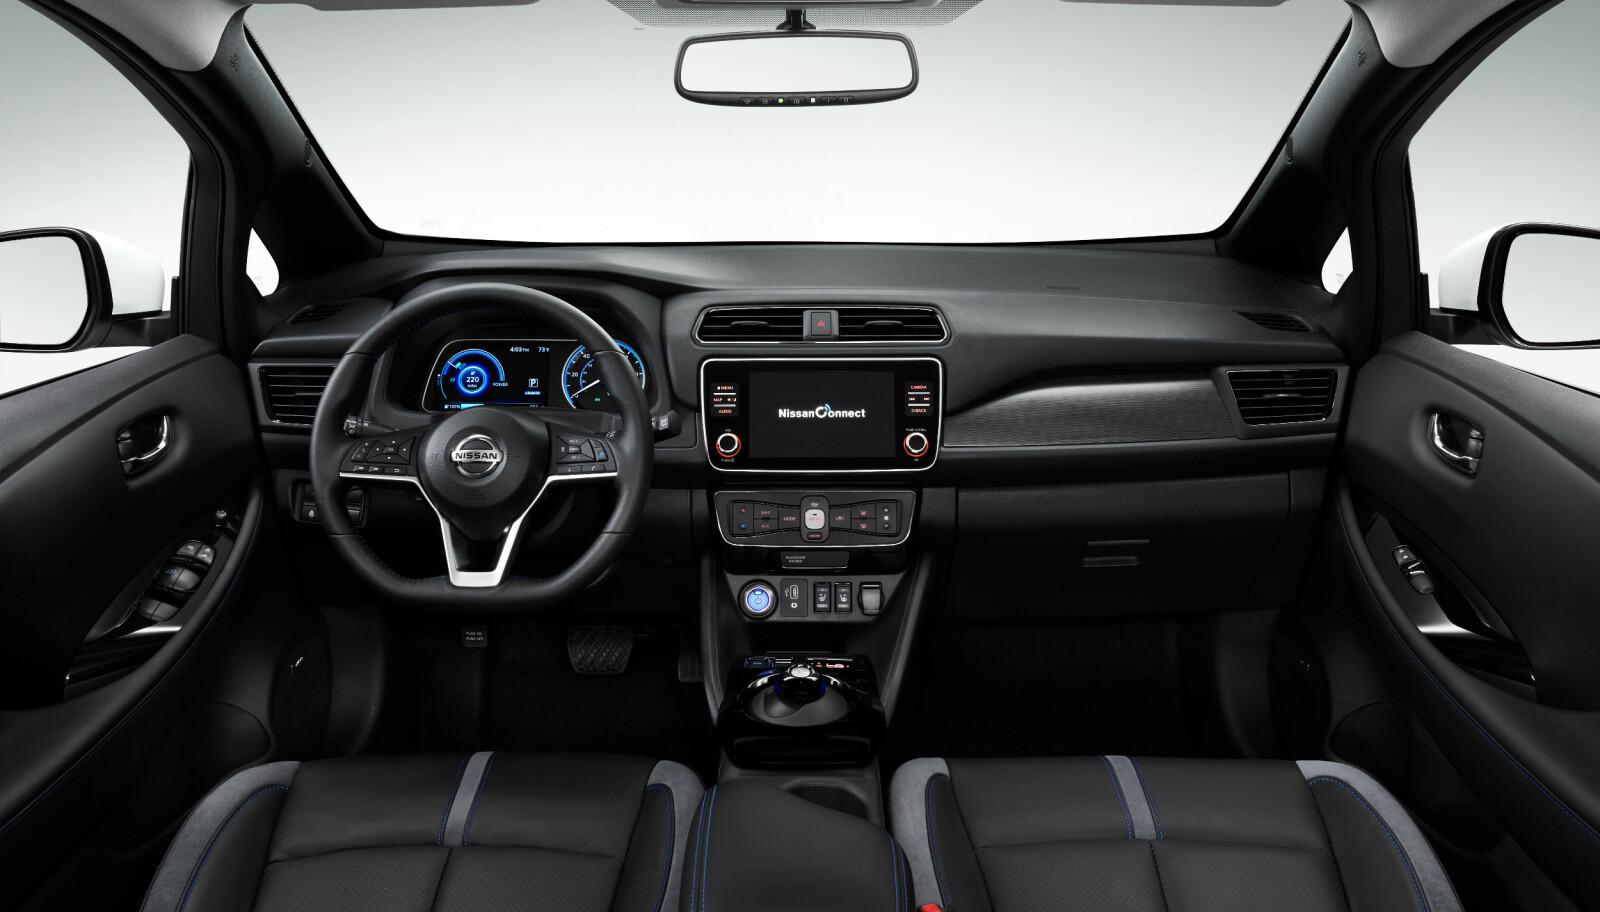 NYTT INFOTAINTMENT: Begge de to nye LEAF-modellene får oppgradert infotainment-systemet med en ny og større 8-tommers skjerm. Systemet har også flere tilkoblede tjenester, som for eksempel dør-til-dør-navigasjon. En helt ny og forbedret NissanConnect EV-app vil også være tilgjengelig med nye LEAF 3.ZERO.